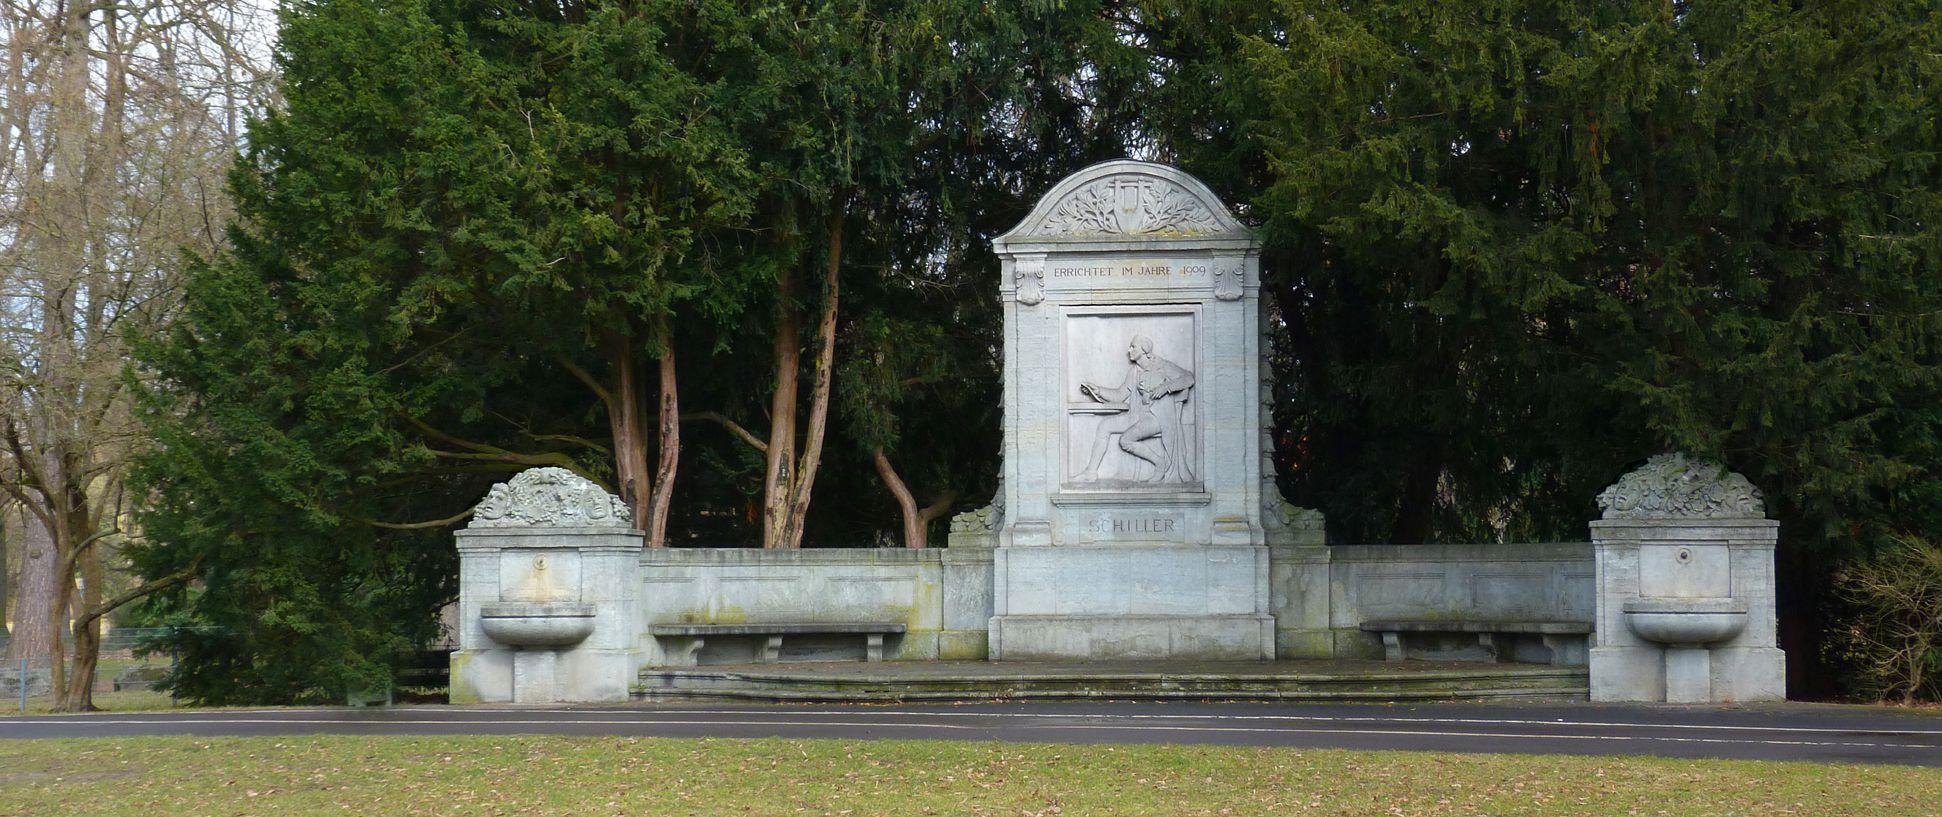 Schillerdenkmal Gesamtansicht, mit Sitzbänken und Brunnenschalen